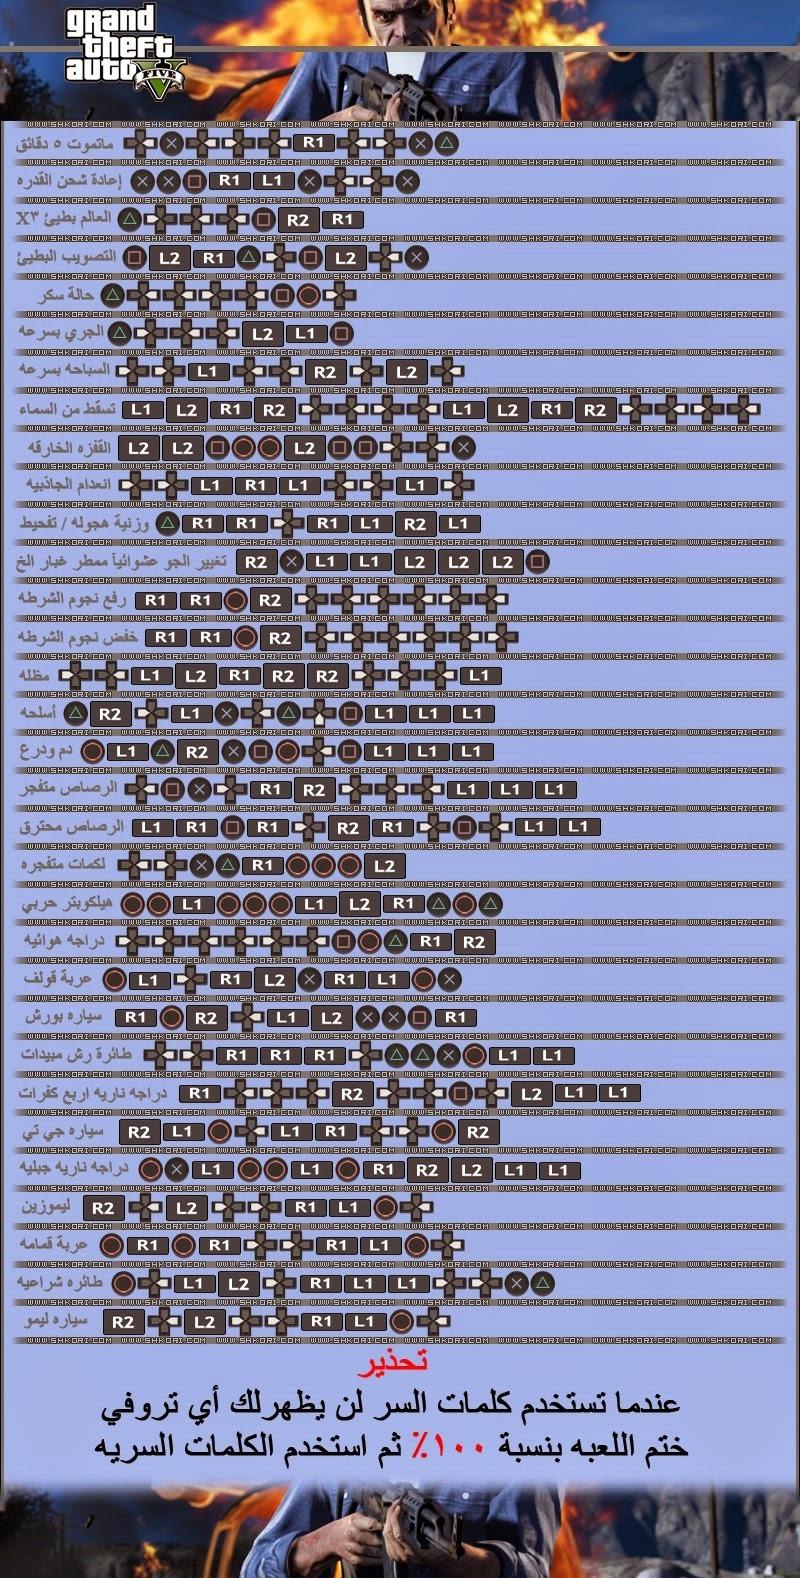 صورة اسرار وشفرات خاصه جداااااا , رموز gta v 5270 2